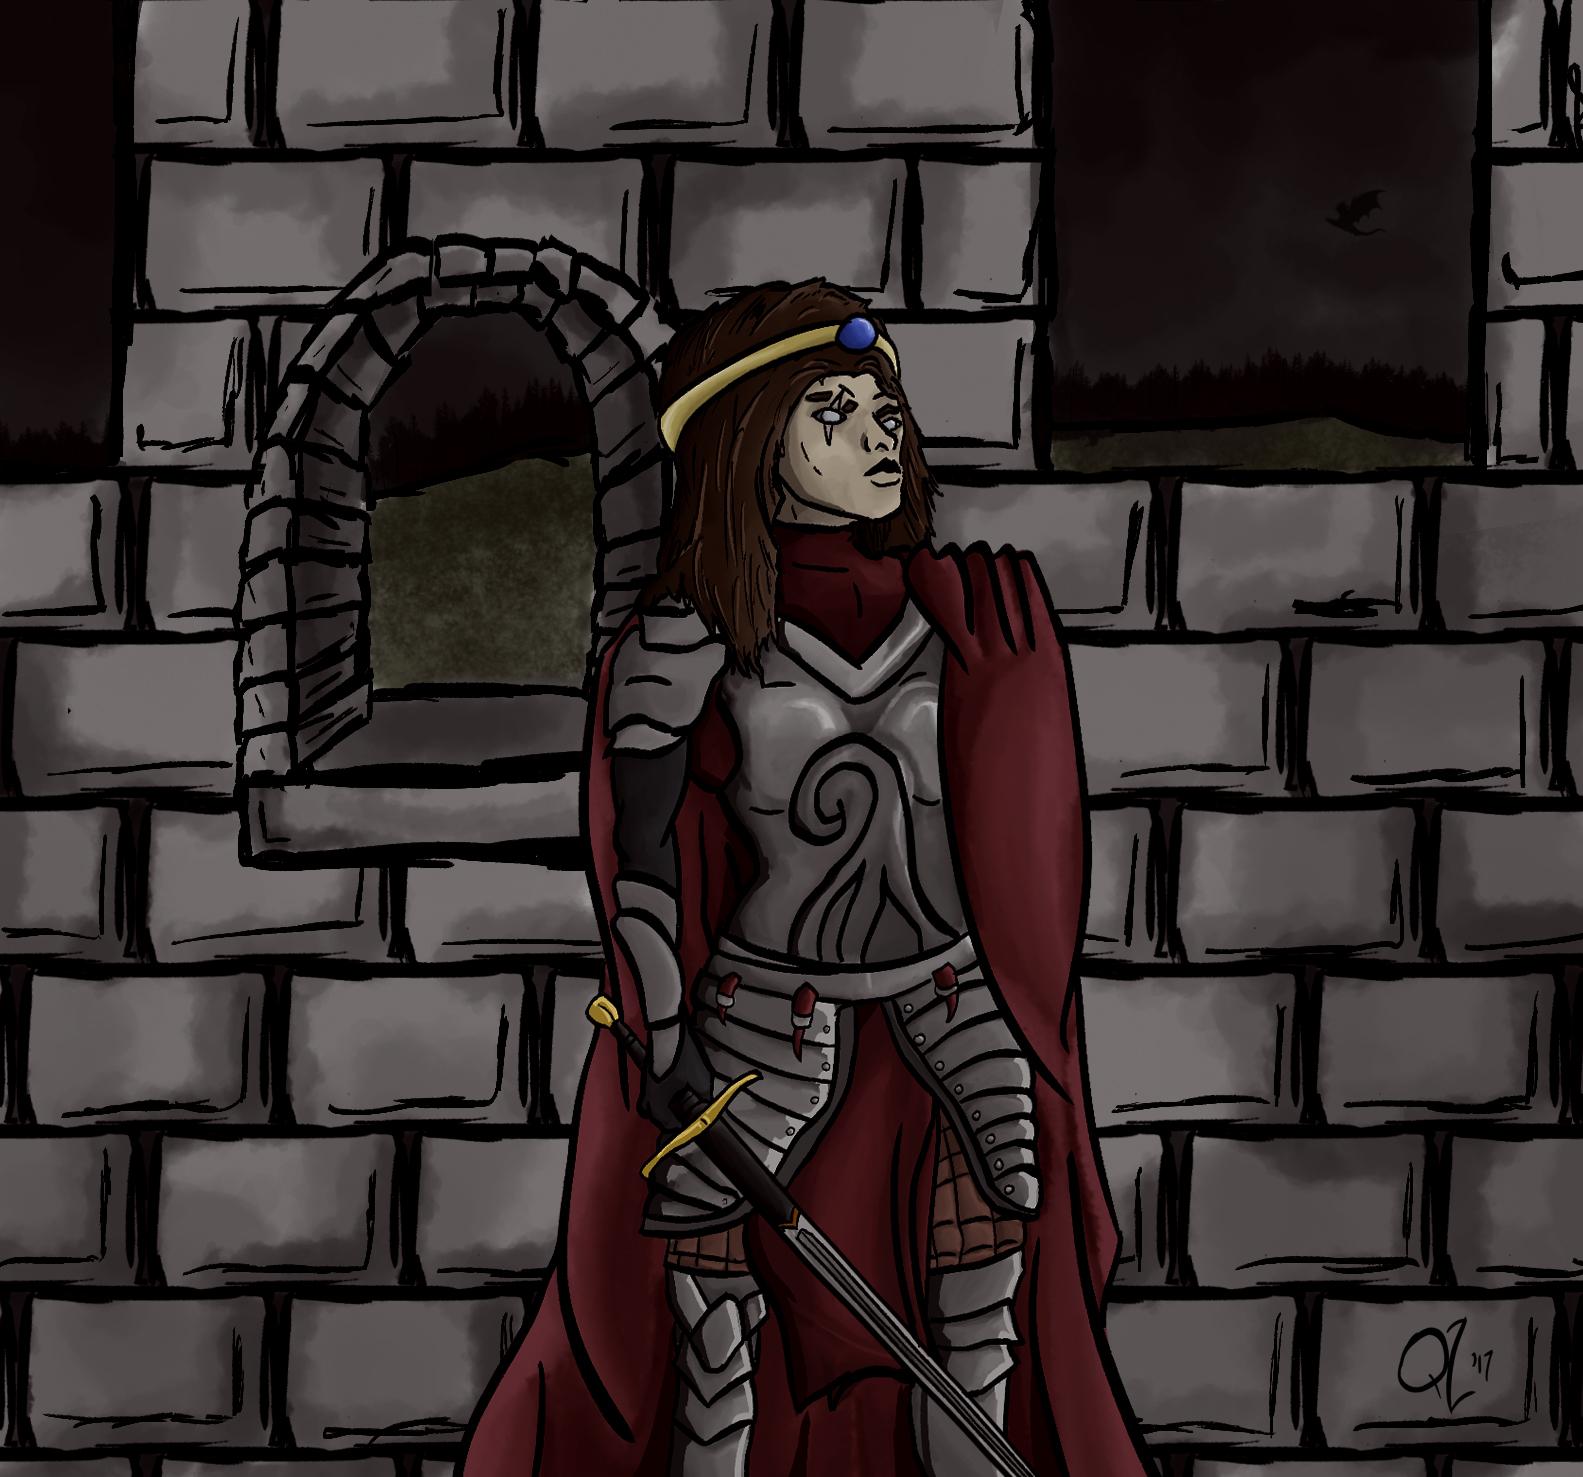 Watchful Queen